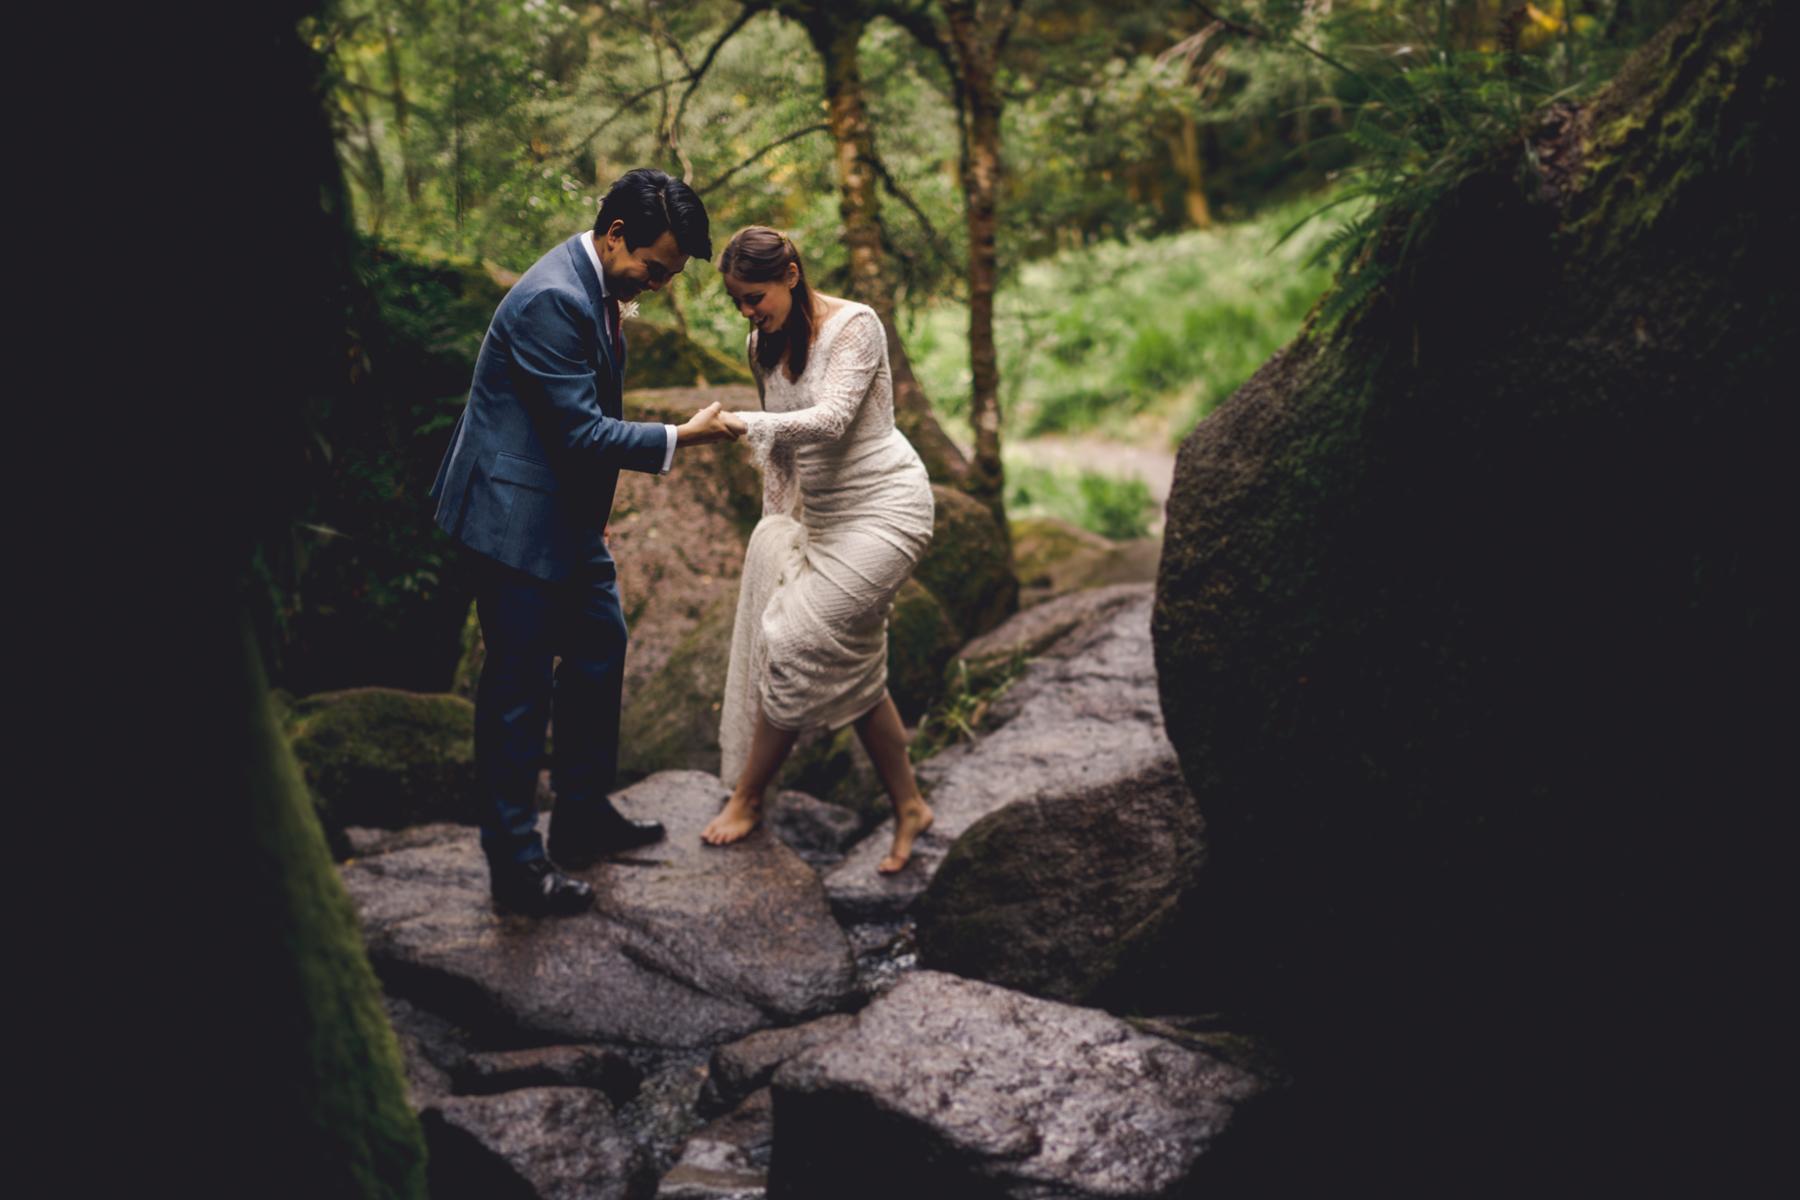 苏格兰的户外婚礼摄影师| 新娘脱鞋跟新丈夫出去散步